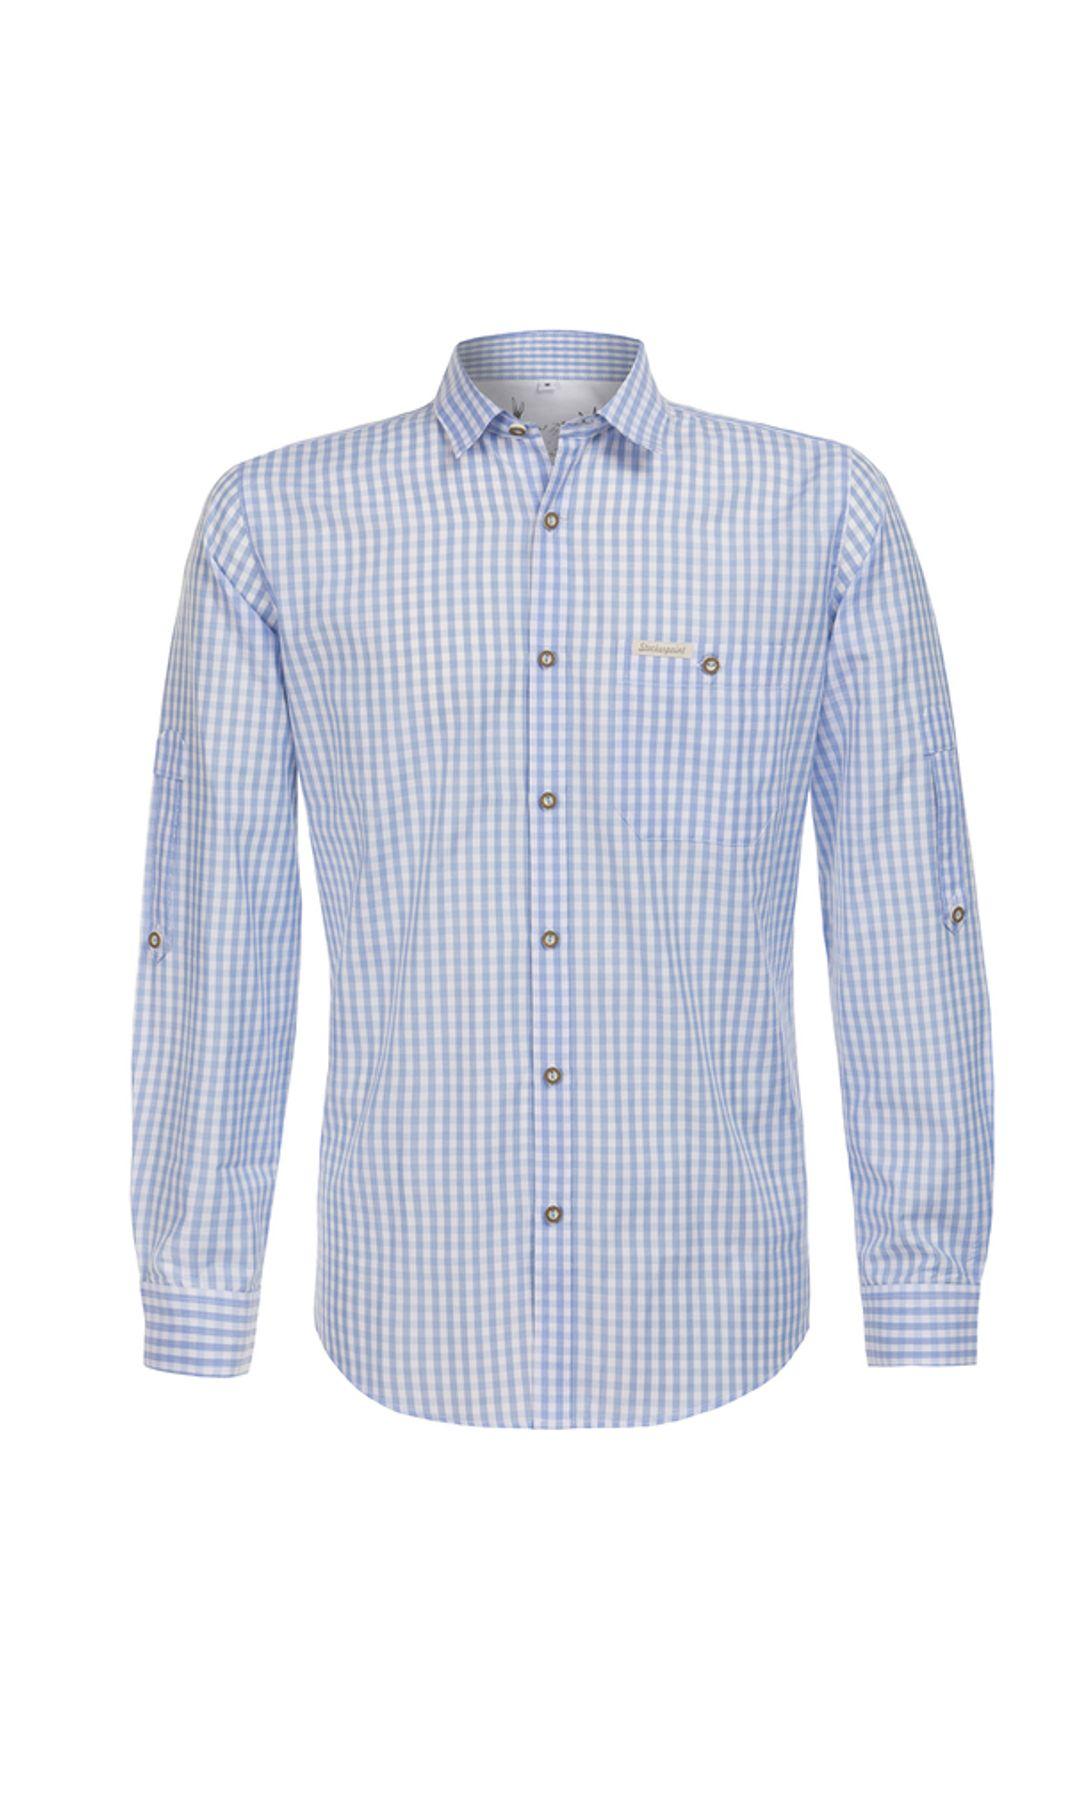 Stockerpoint - Herren Trachtenhemd in verschiedenen Farben, Campos3 – Bild 11